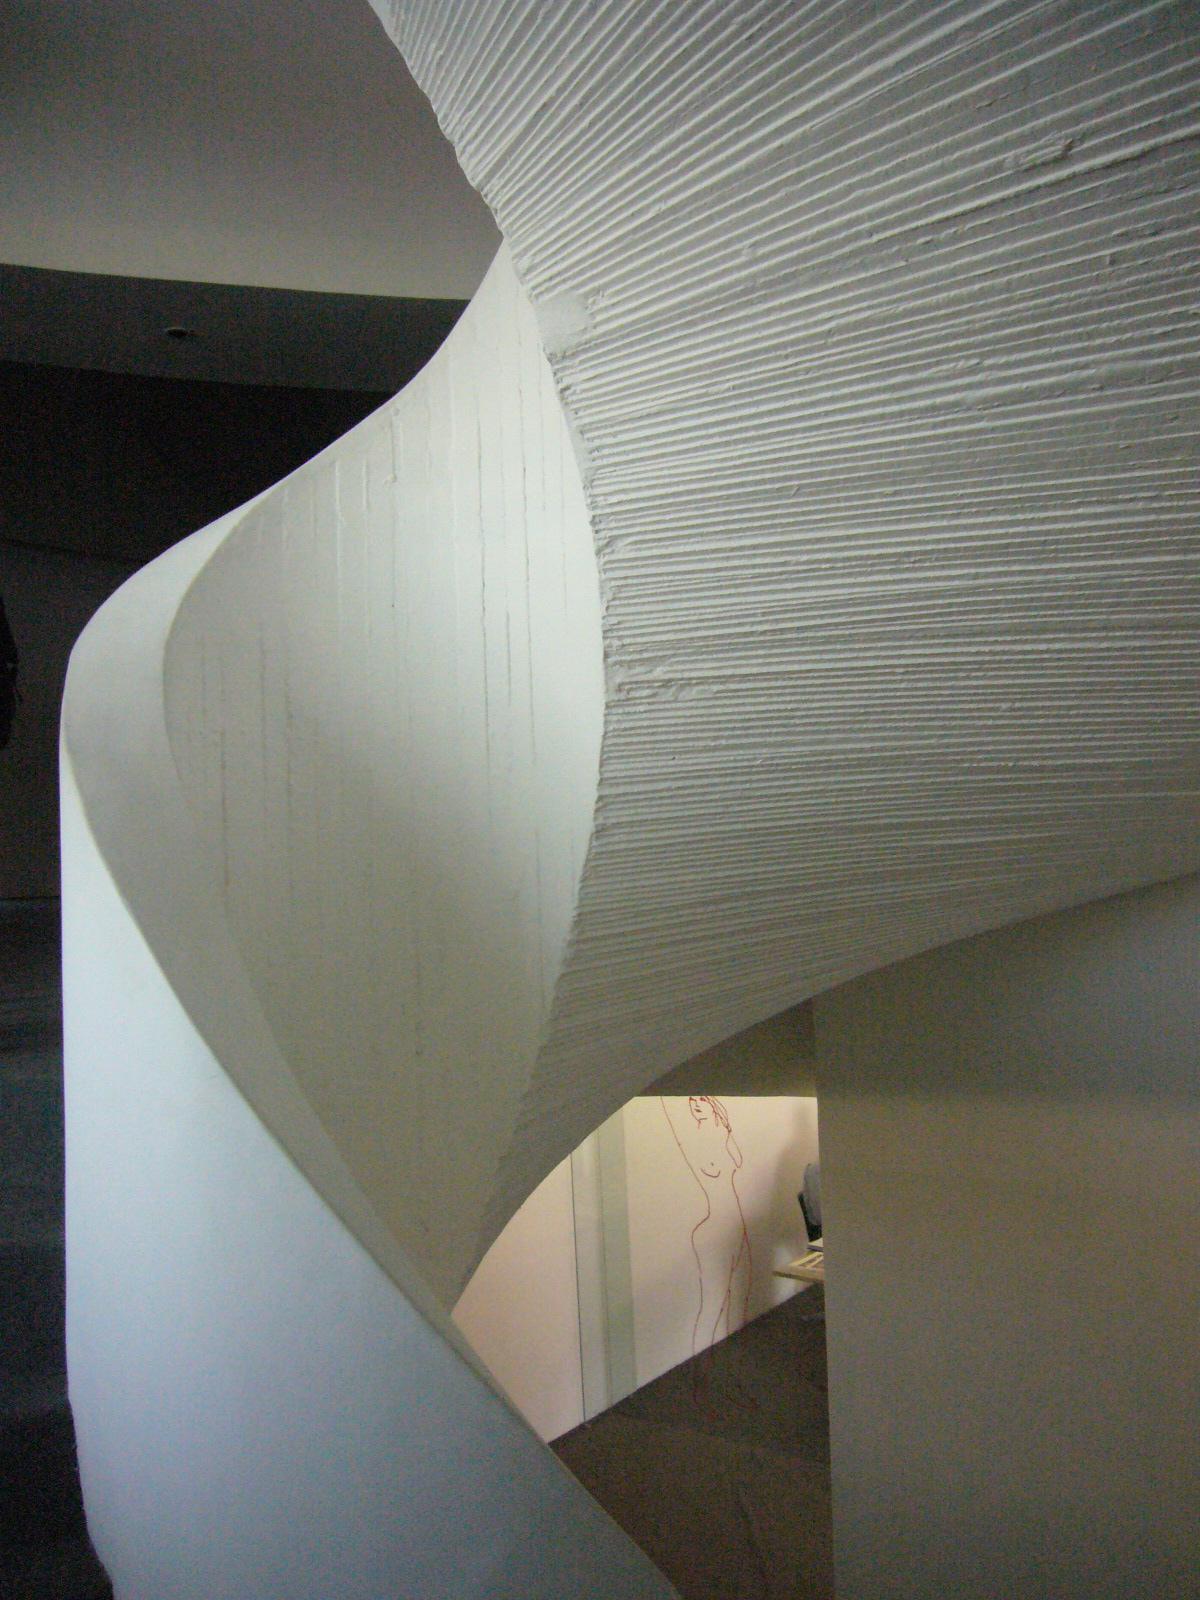 Architekten Heidelberg weishuhn architekten uwe weishuhn architektur heidelberg